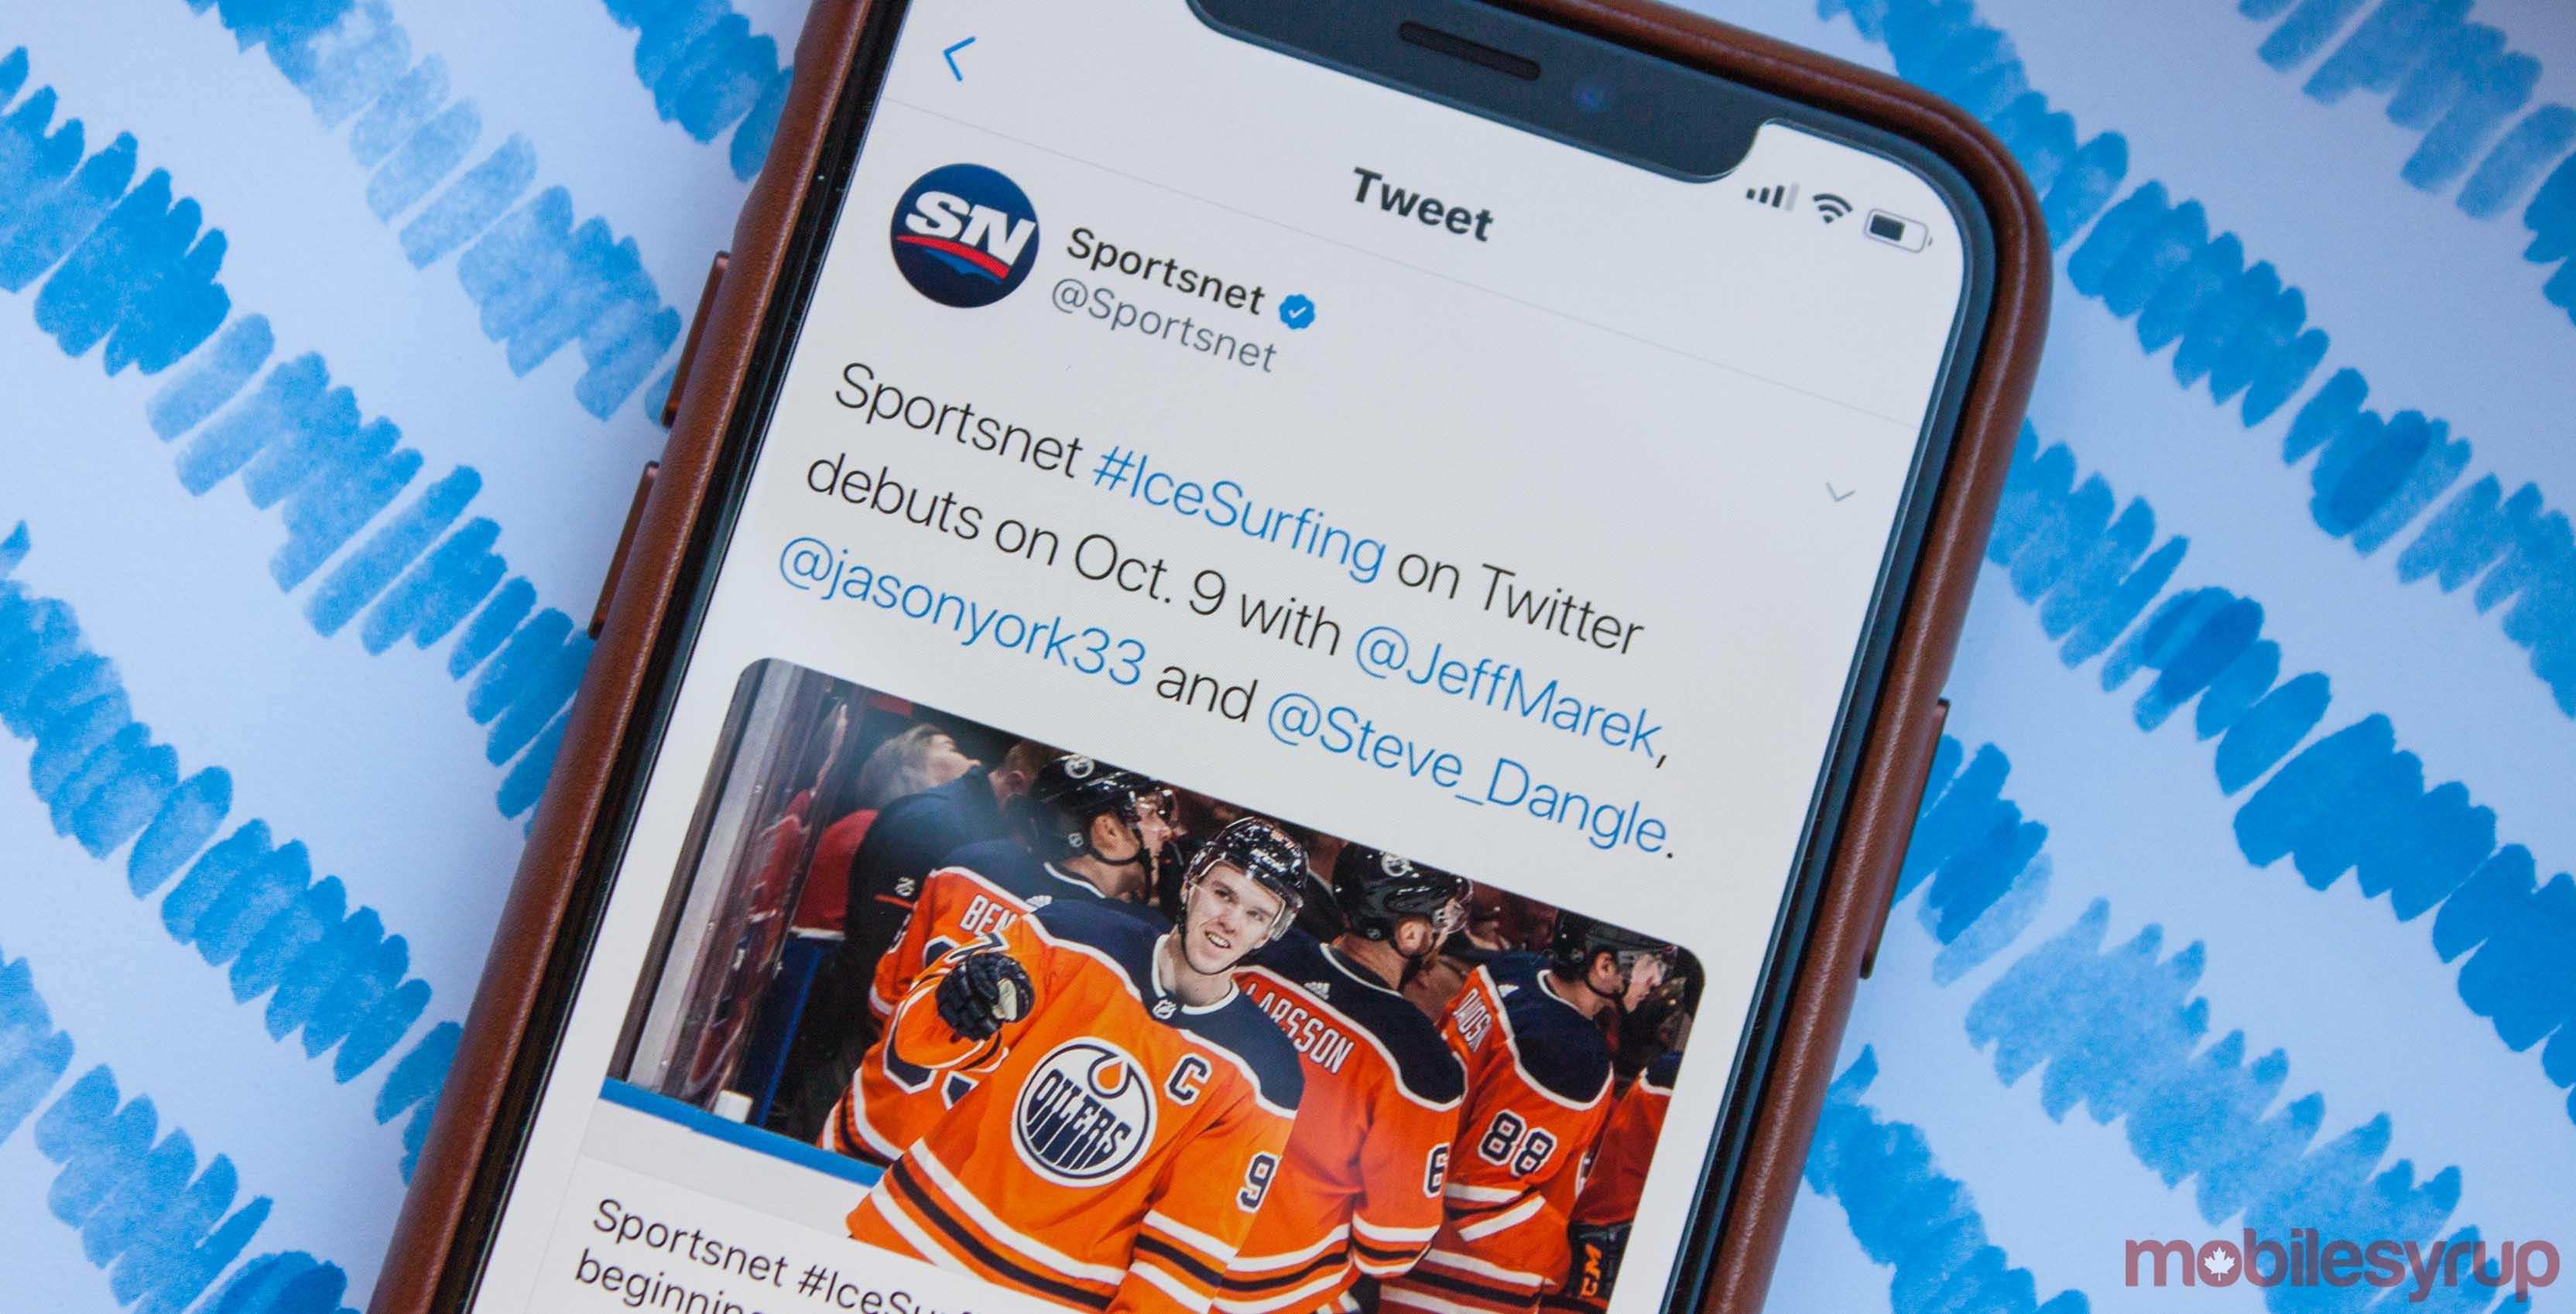 Sportsnet #IceSurfing Twitter header